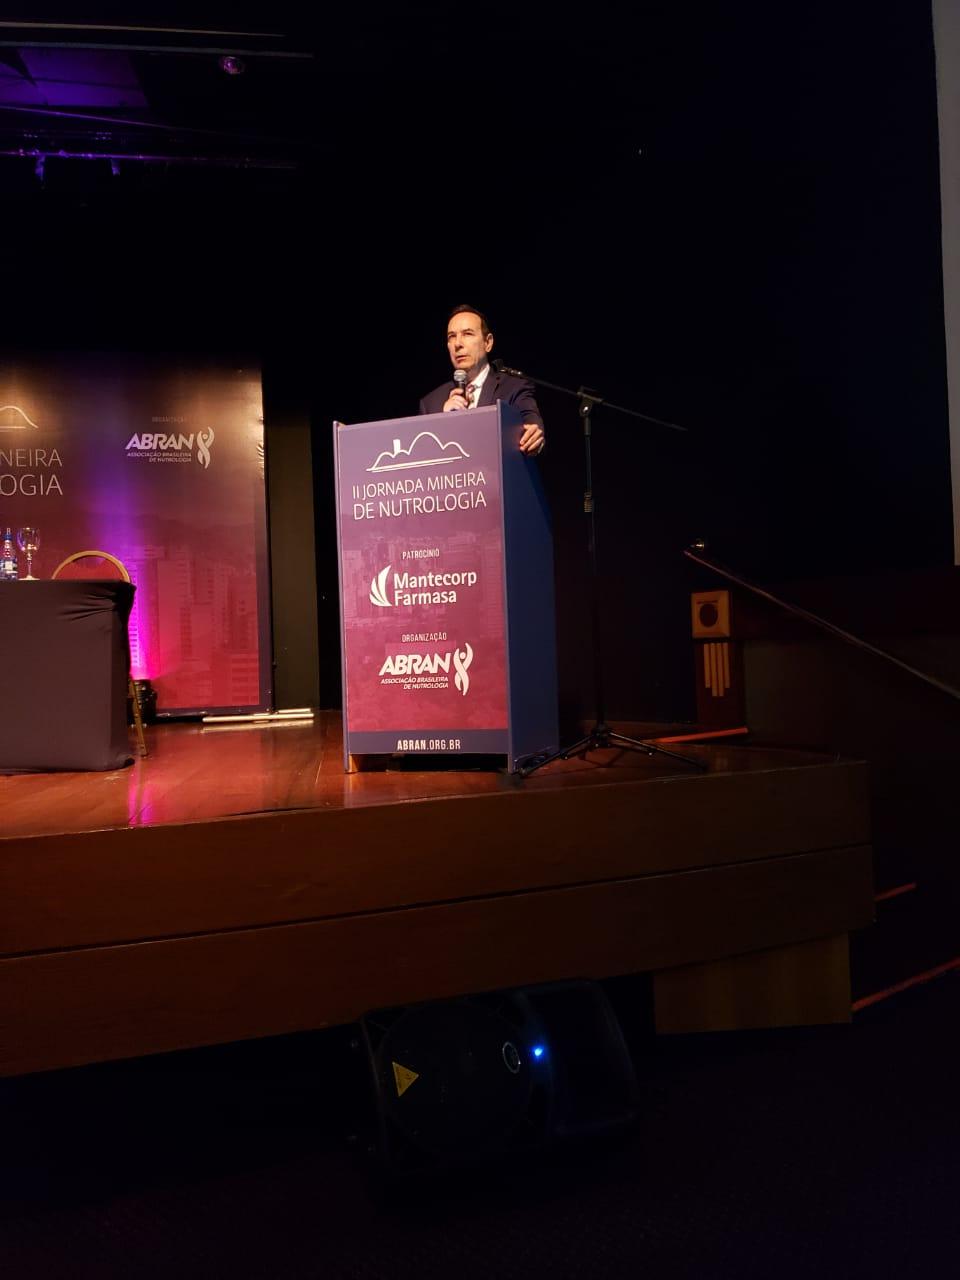 II Jornada Mineira de Nutrologia reúne especialistas em obesidade do Brasil